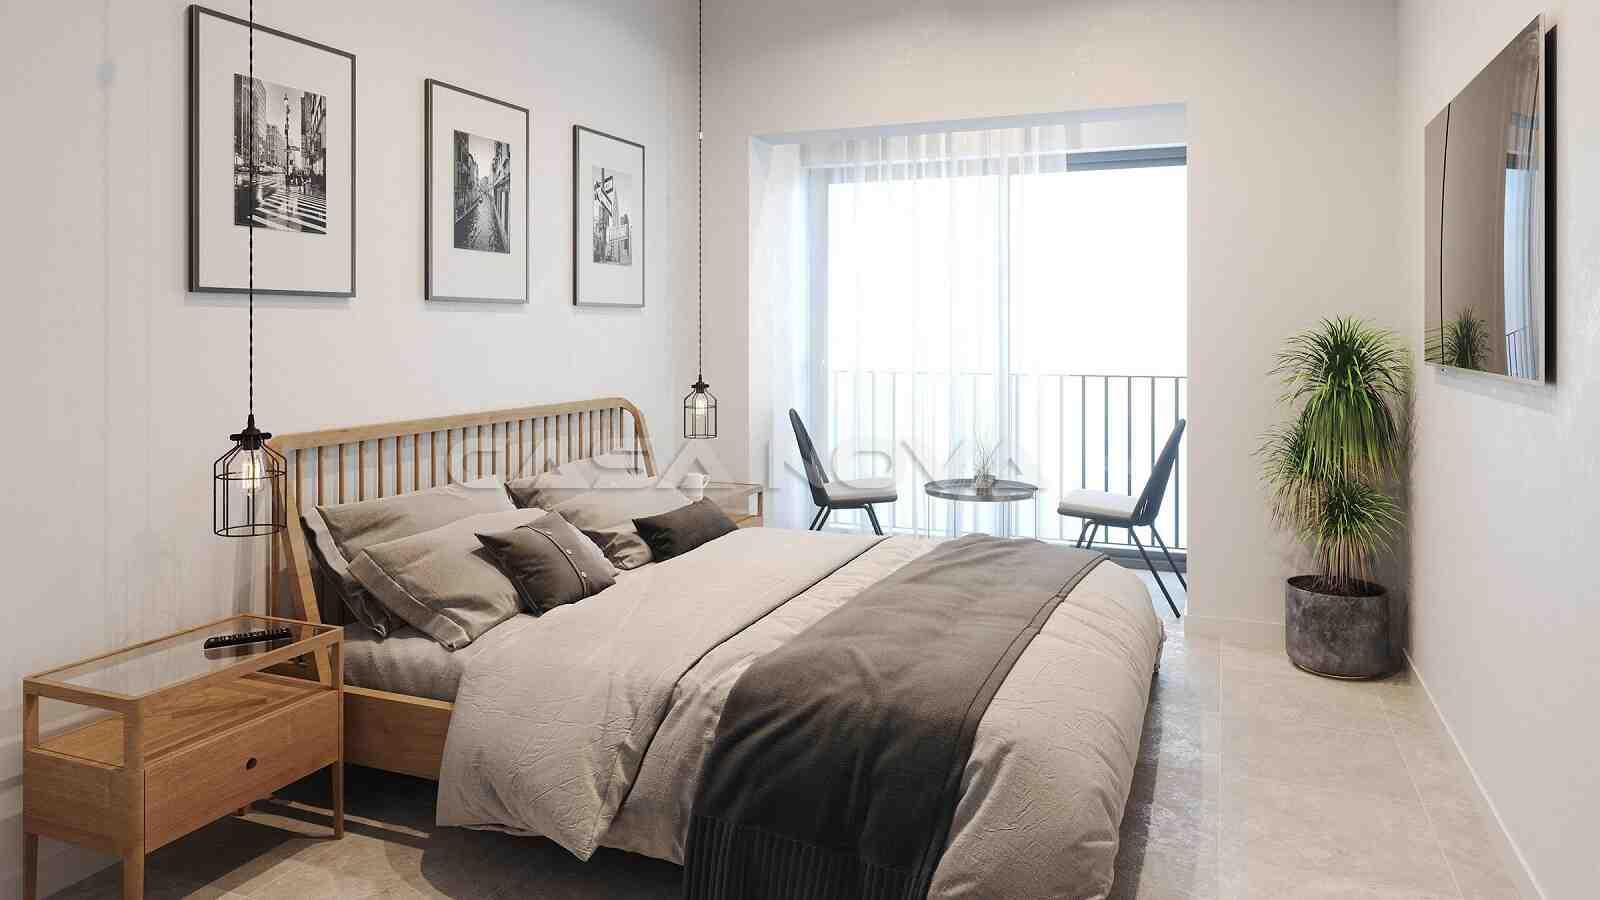 Großzügiges Schlafzimmer mit Einbauschränken